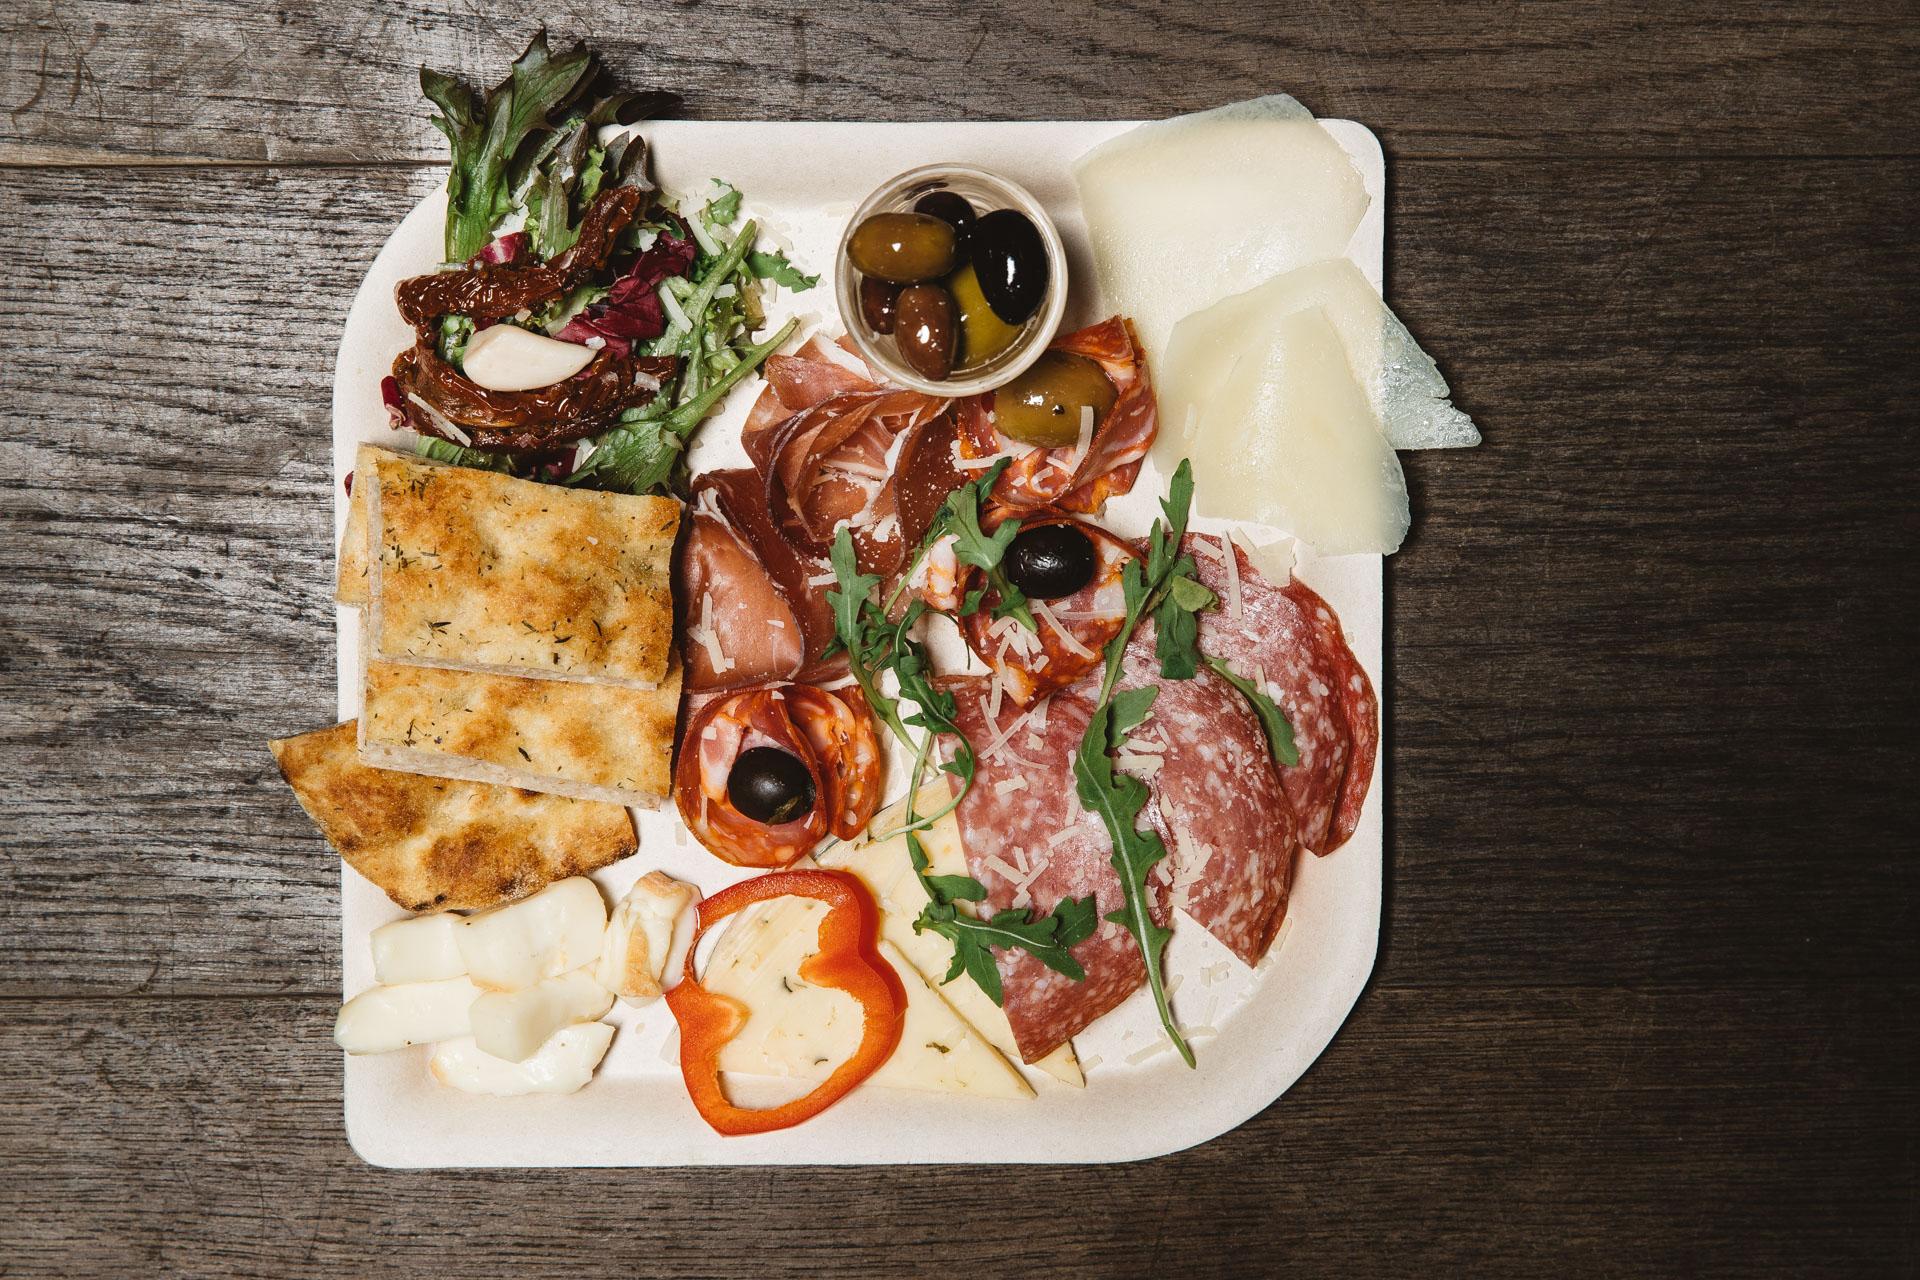 Nyhed på Tir Na Nog: The Merchant Room stiller sulten med morgenmad og brunch